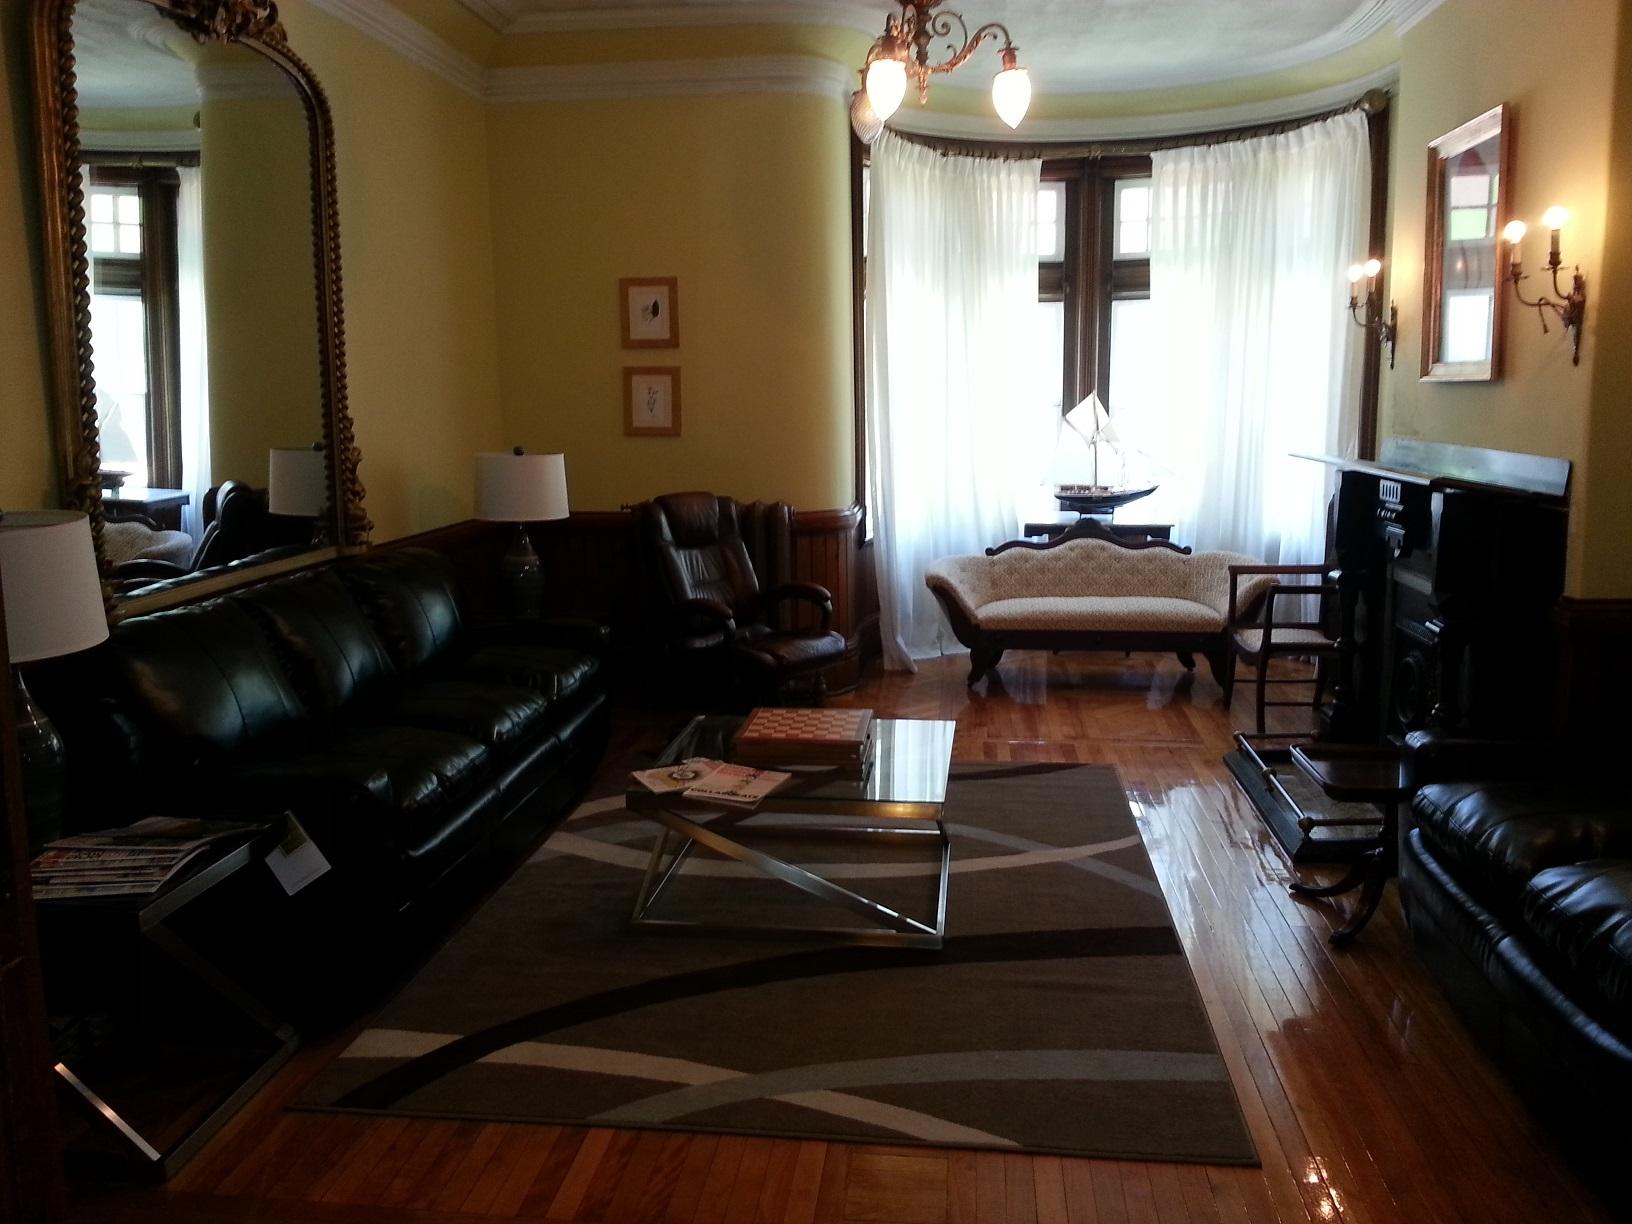 vibe business incubator lounge area